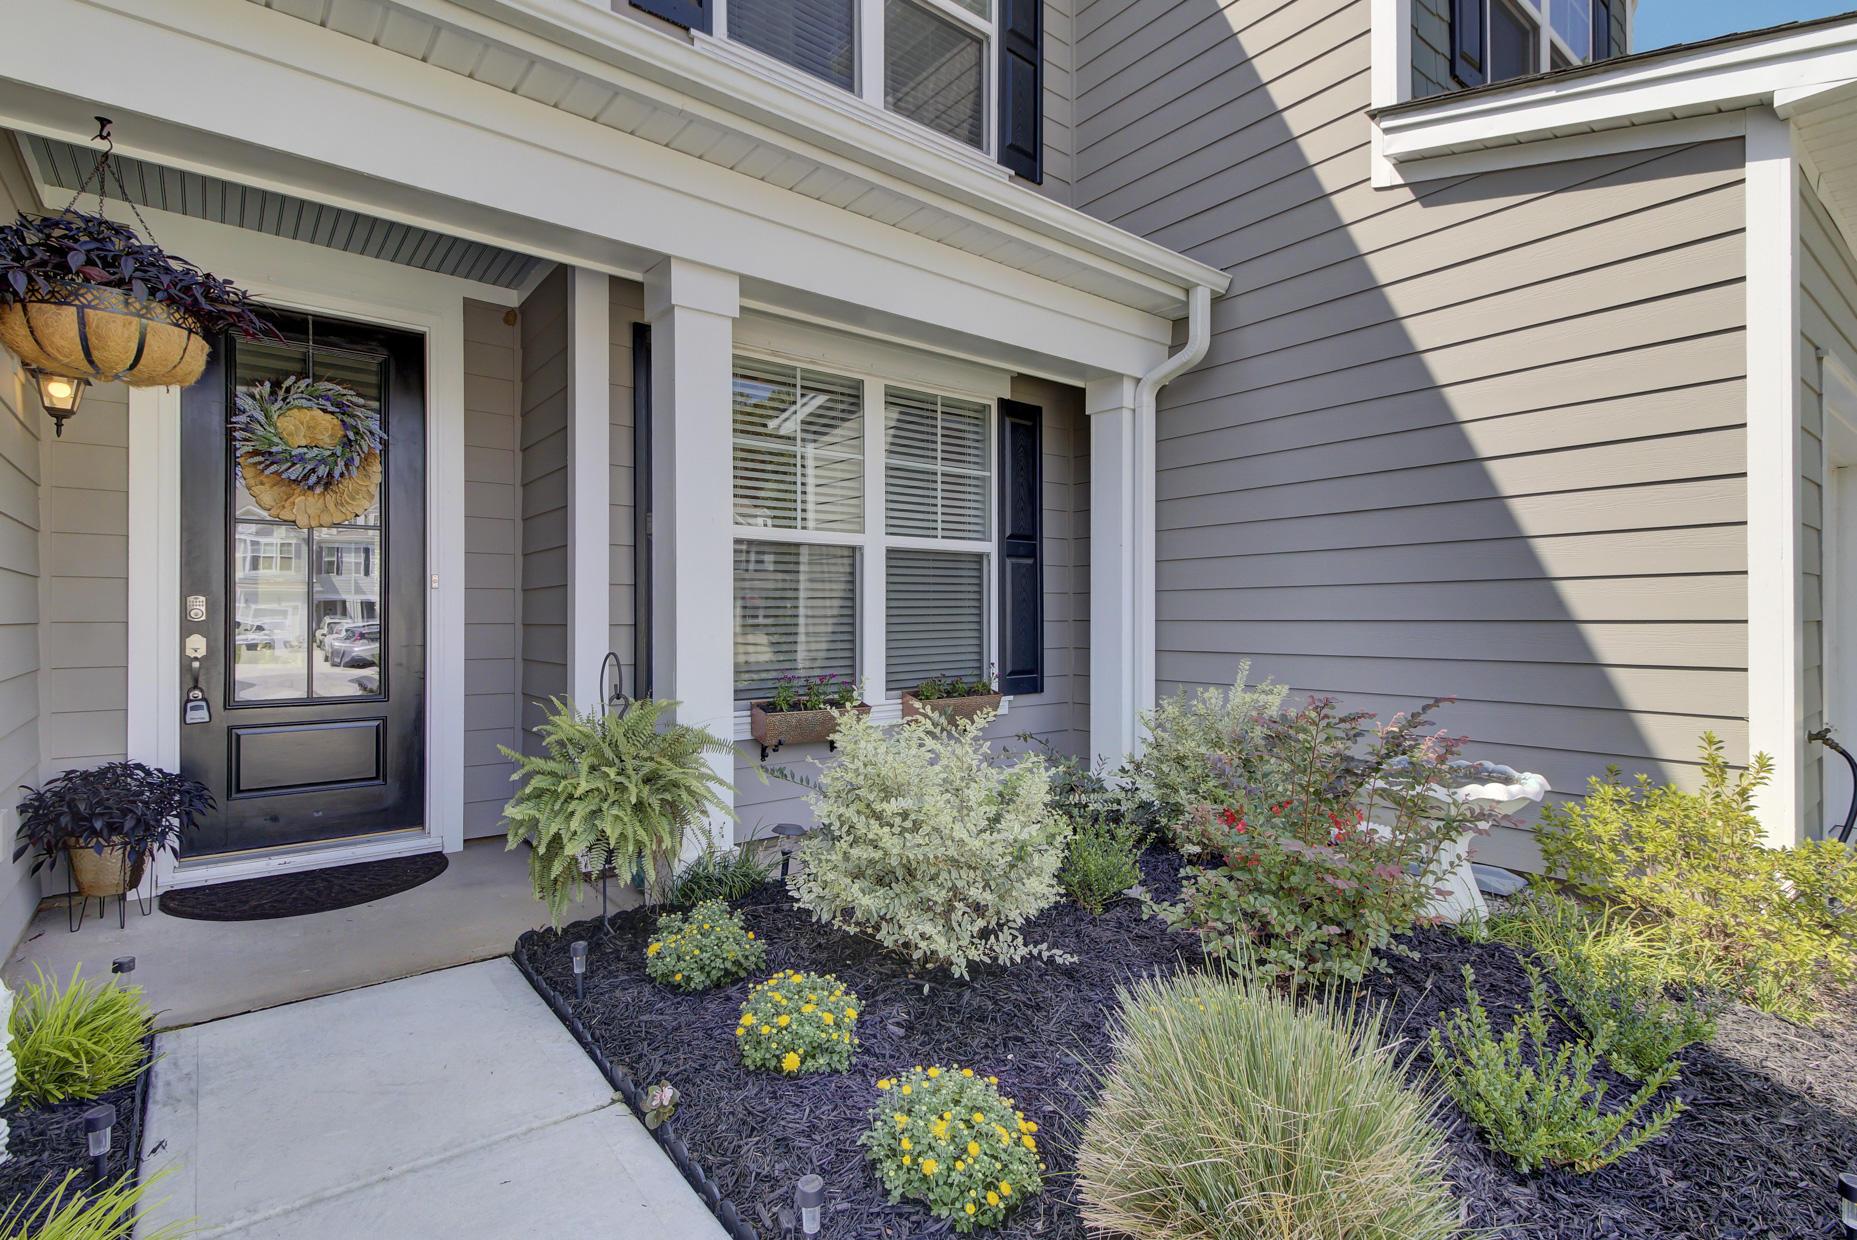 Park West Homes For Sale - 2566 Kingsfield, Mount Pleasant, SC - 22